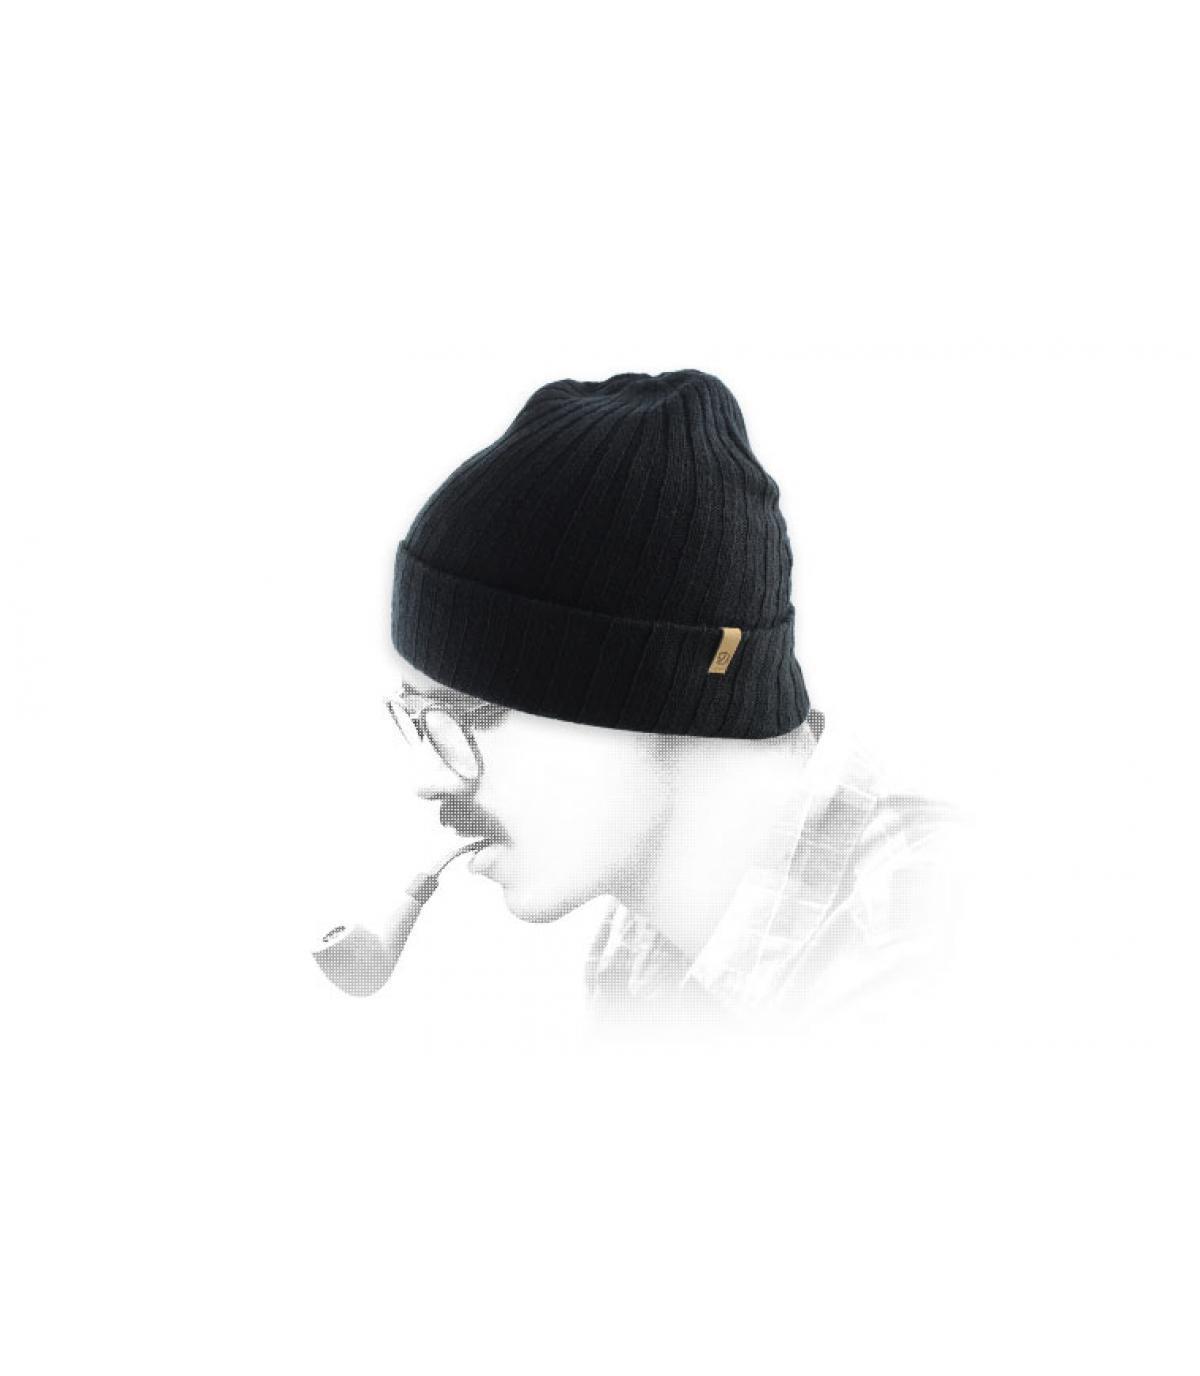 Schwarze Mütze Revers Fjällräven